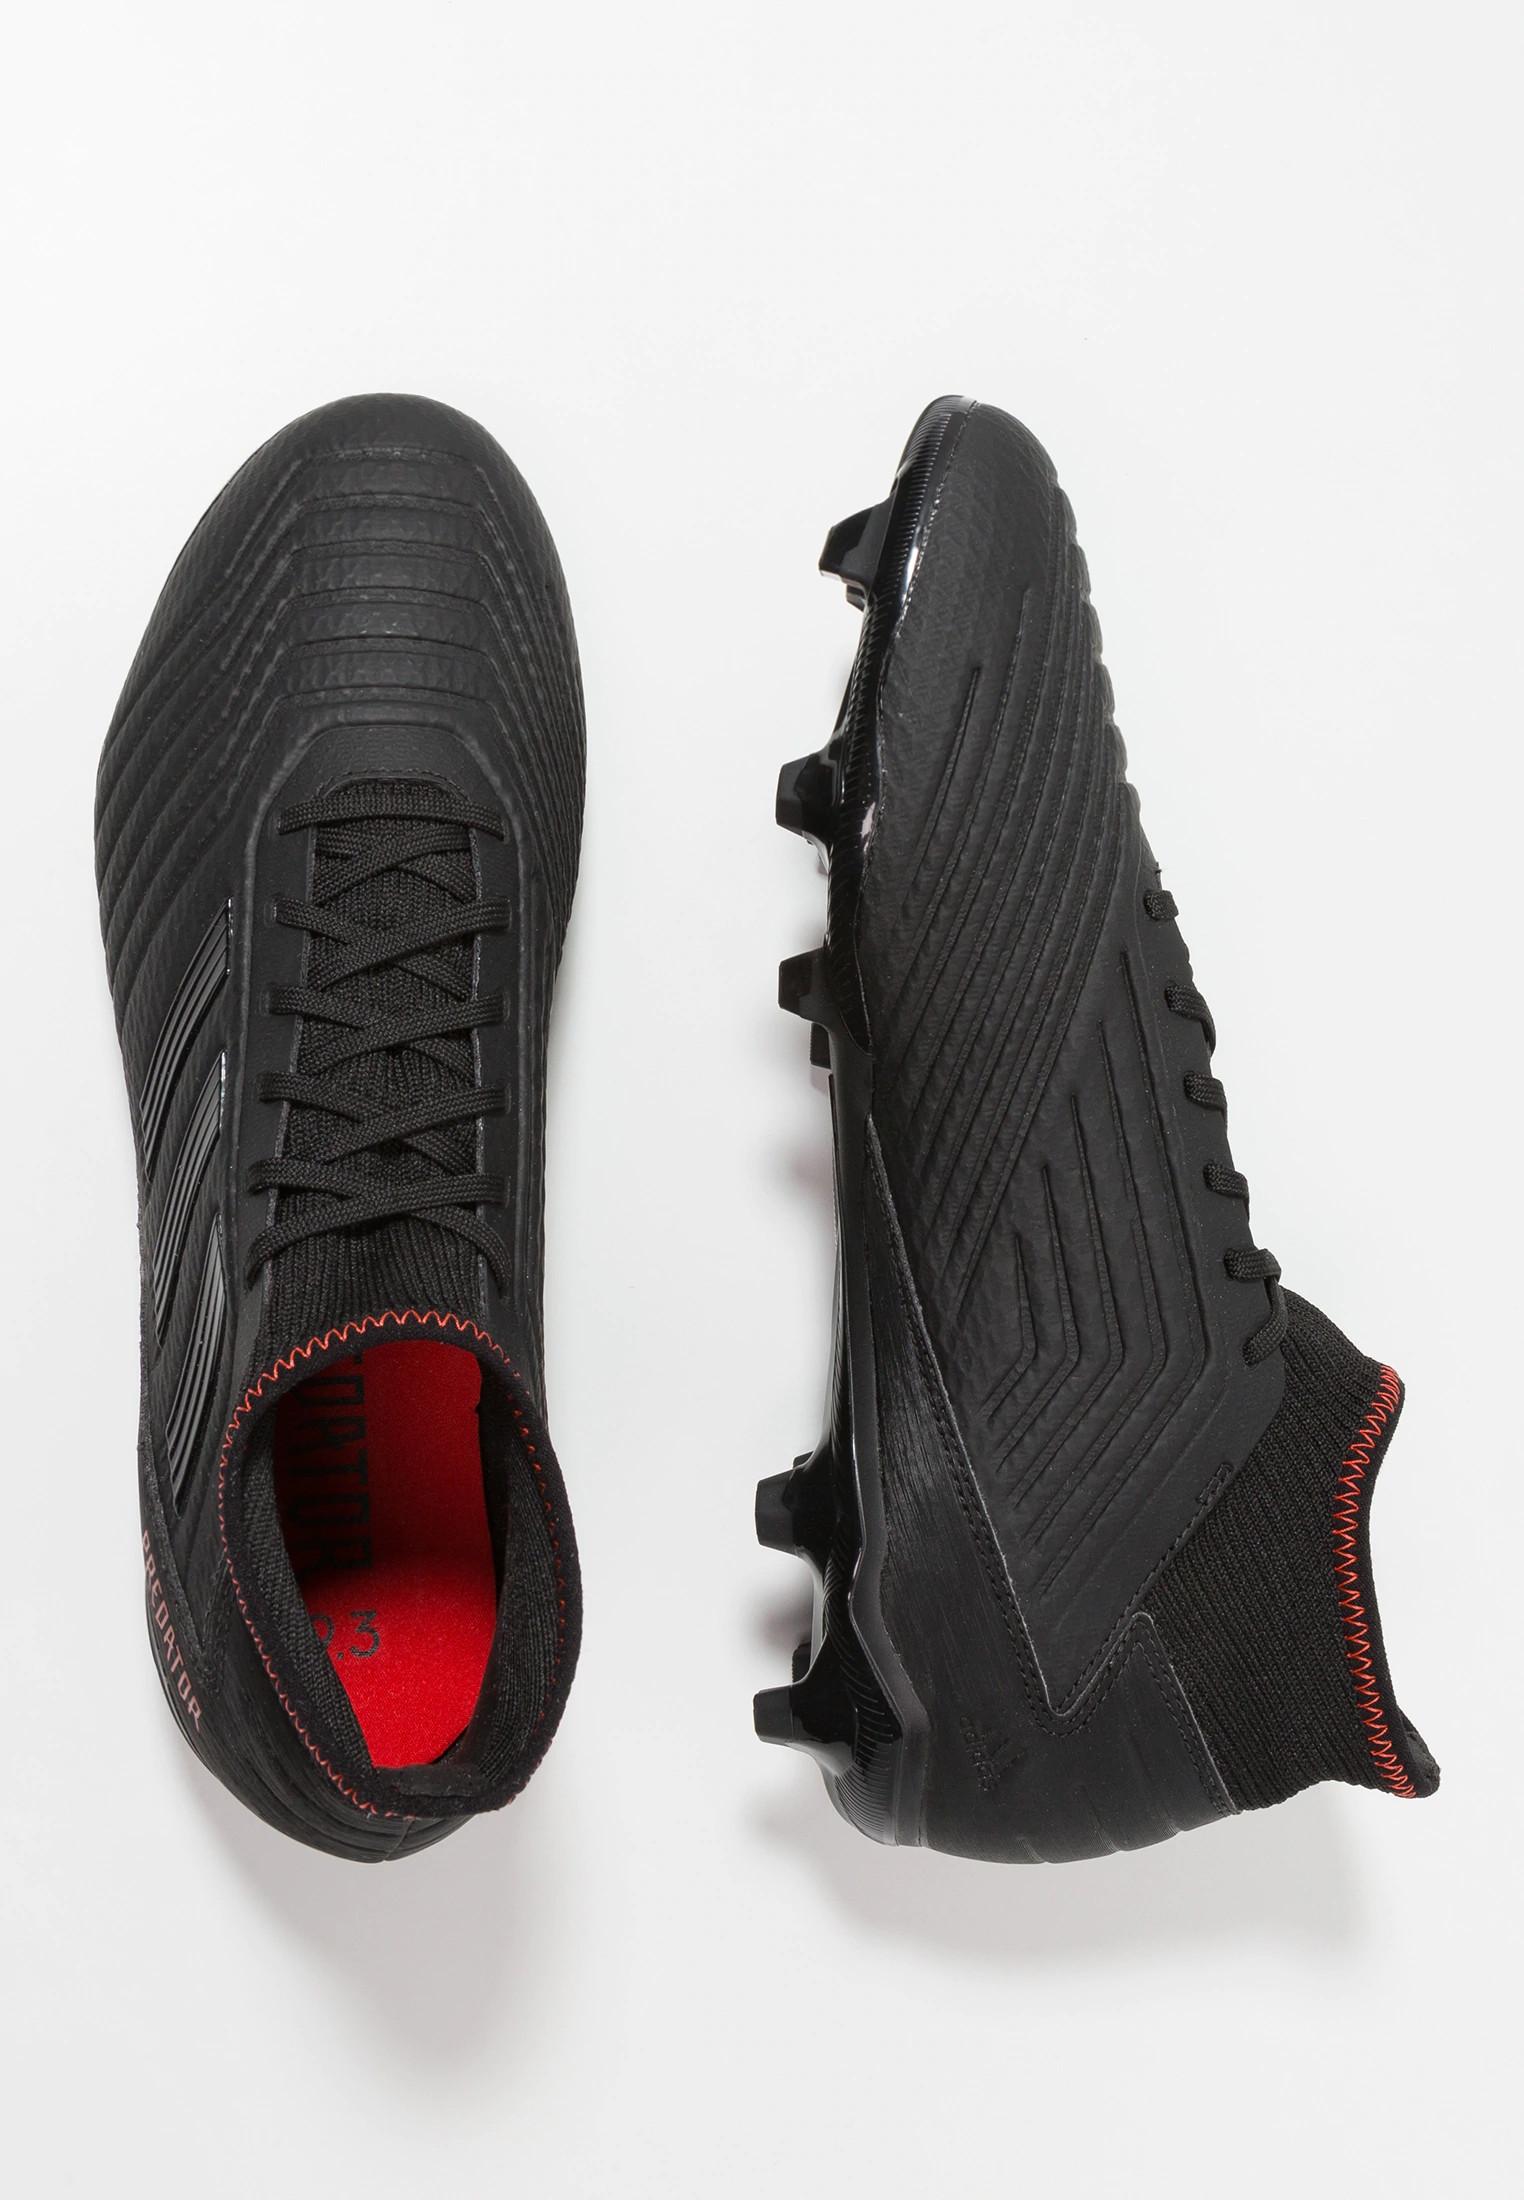 19 Adidas 3 Fg Chaussette Garçon Avec De Football Shoes Chaussures xredCWBo